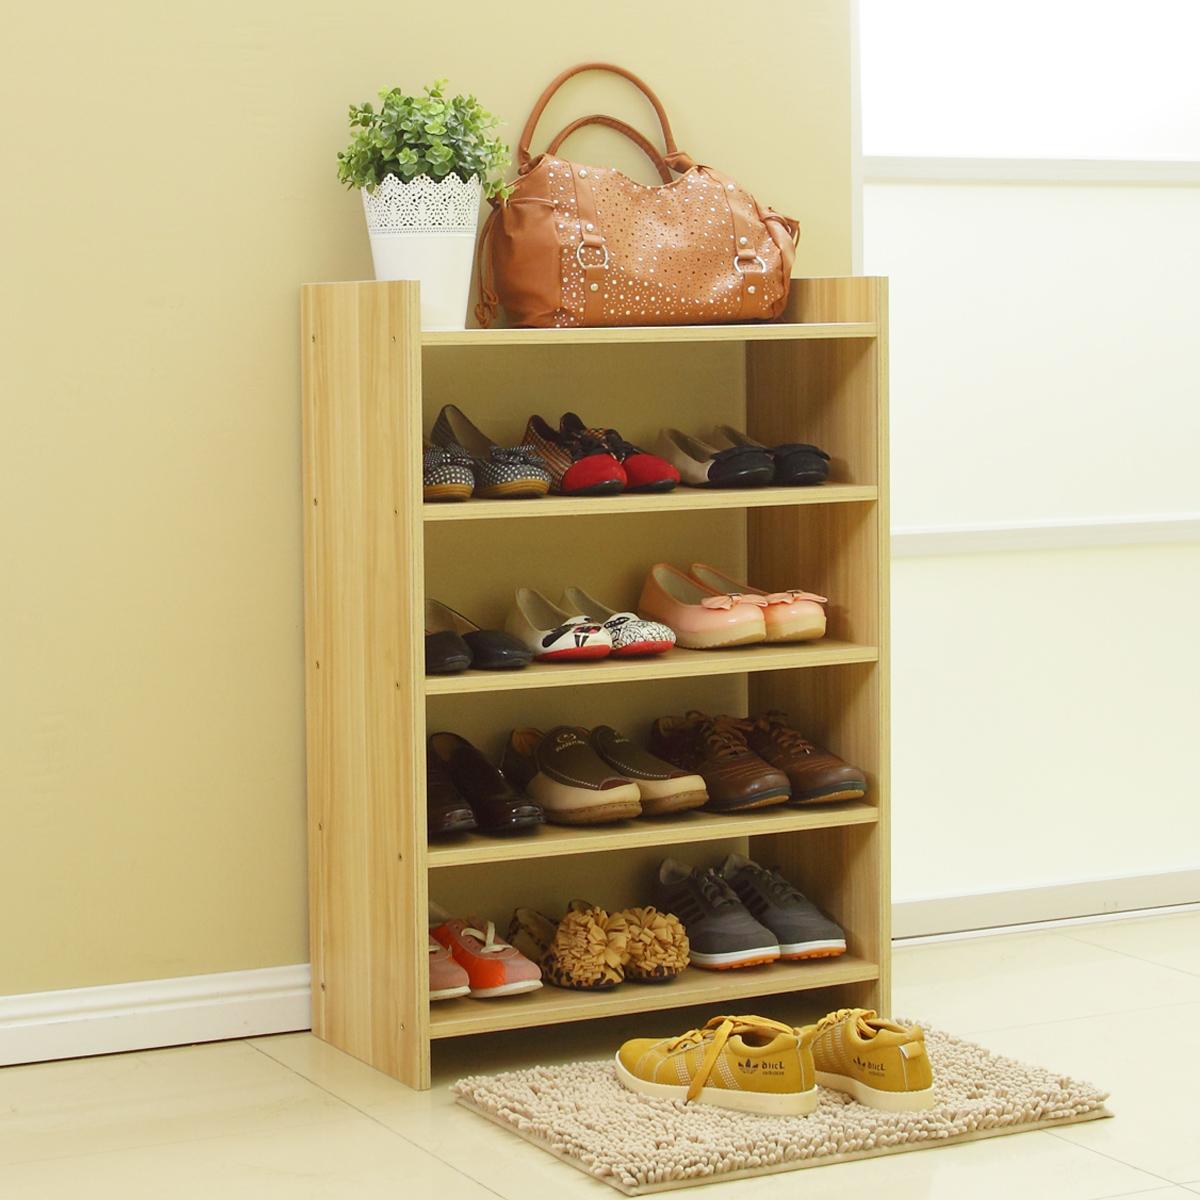 Обувница в прихожую комнату узкая деревянная обувница в прихожую